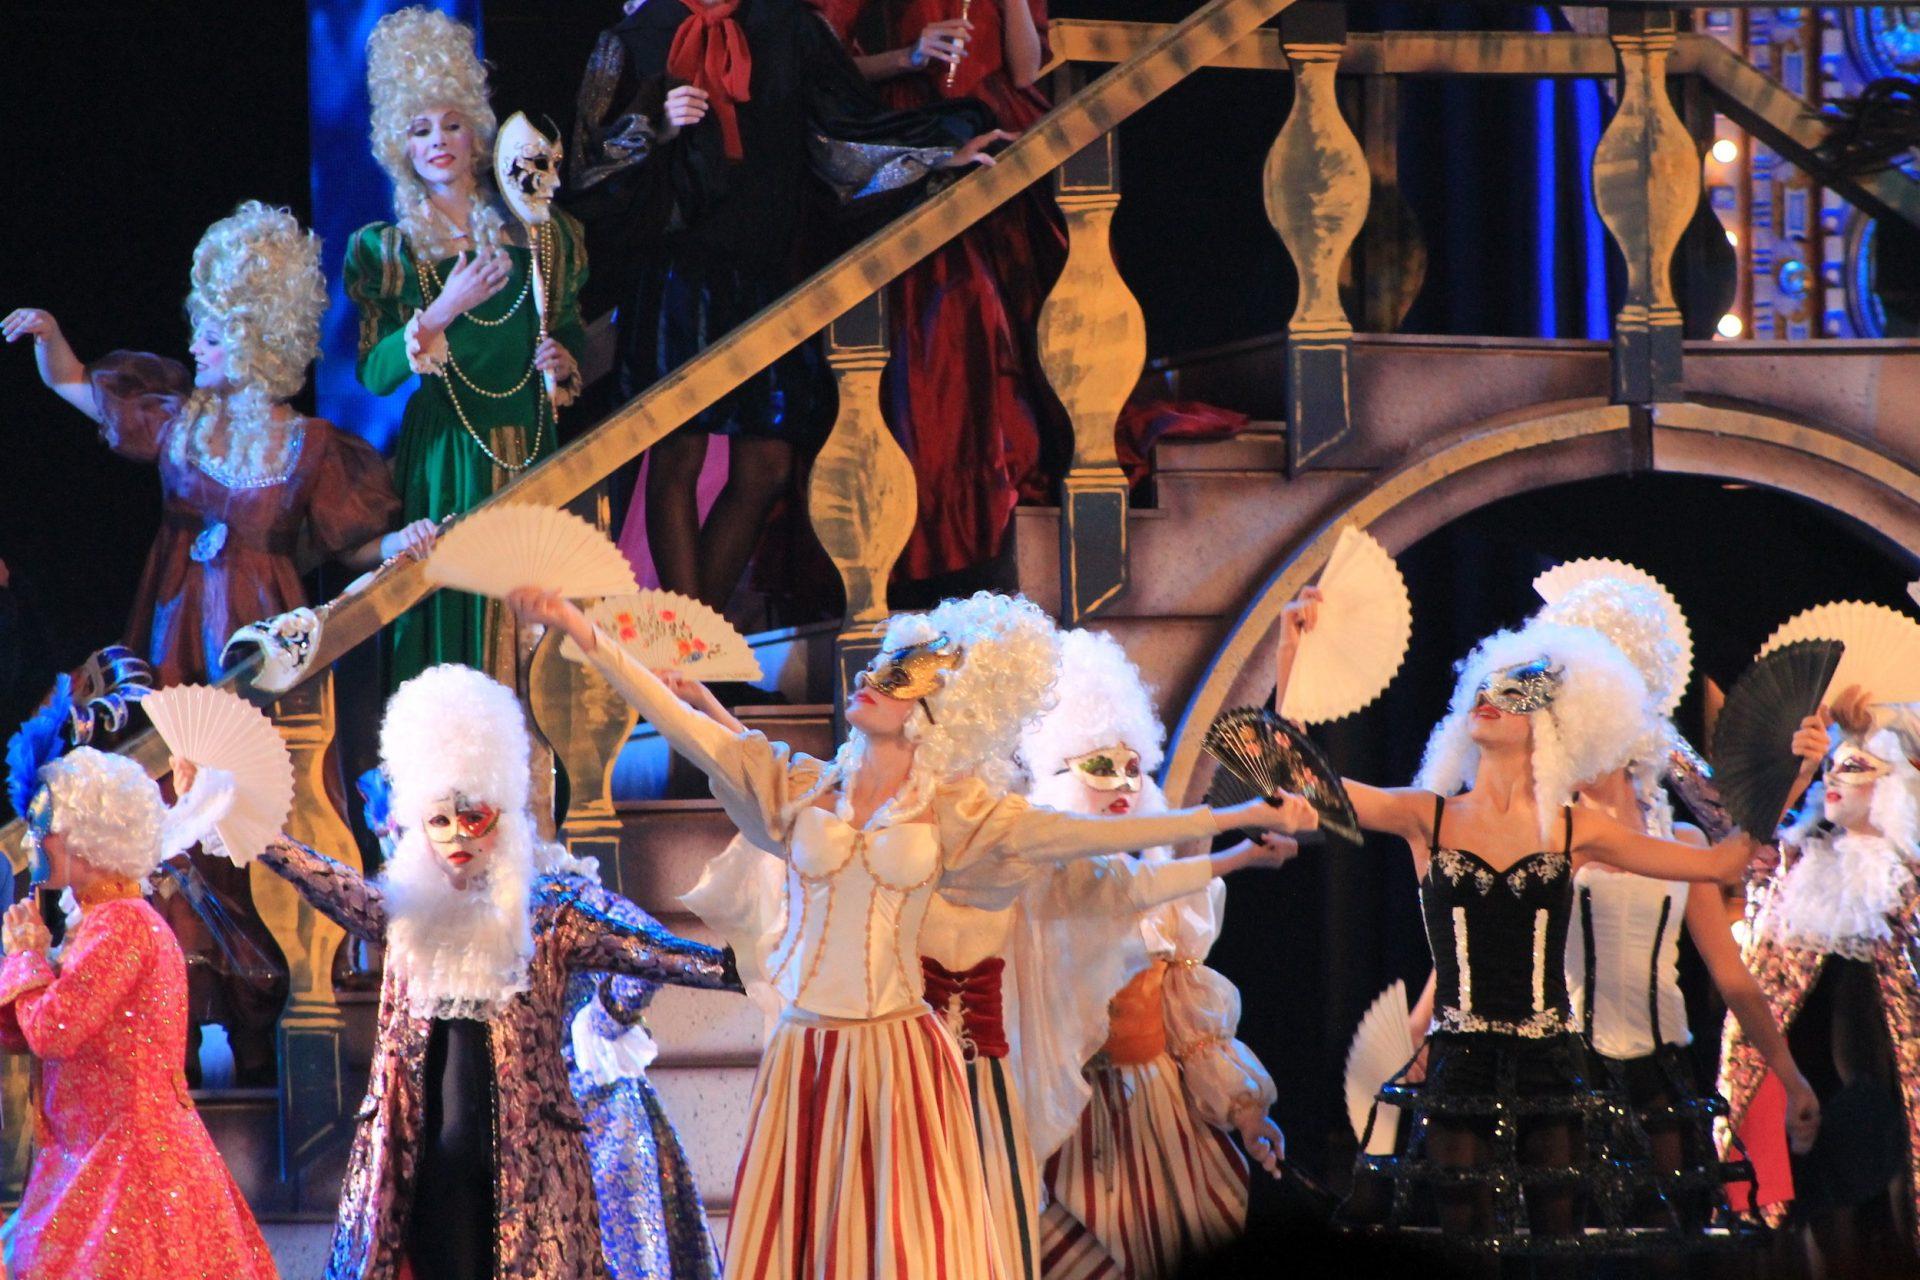 """Foto de la Gala del Carnaval 2013 de Las Palmas de GC. del Centro de Danza Sandra Santa Cruz de un grupo de bailarinas con antifaz bailan con abanicos bailando """"Mascarade""""."""